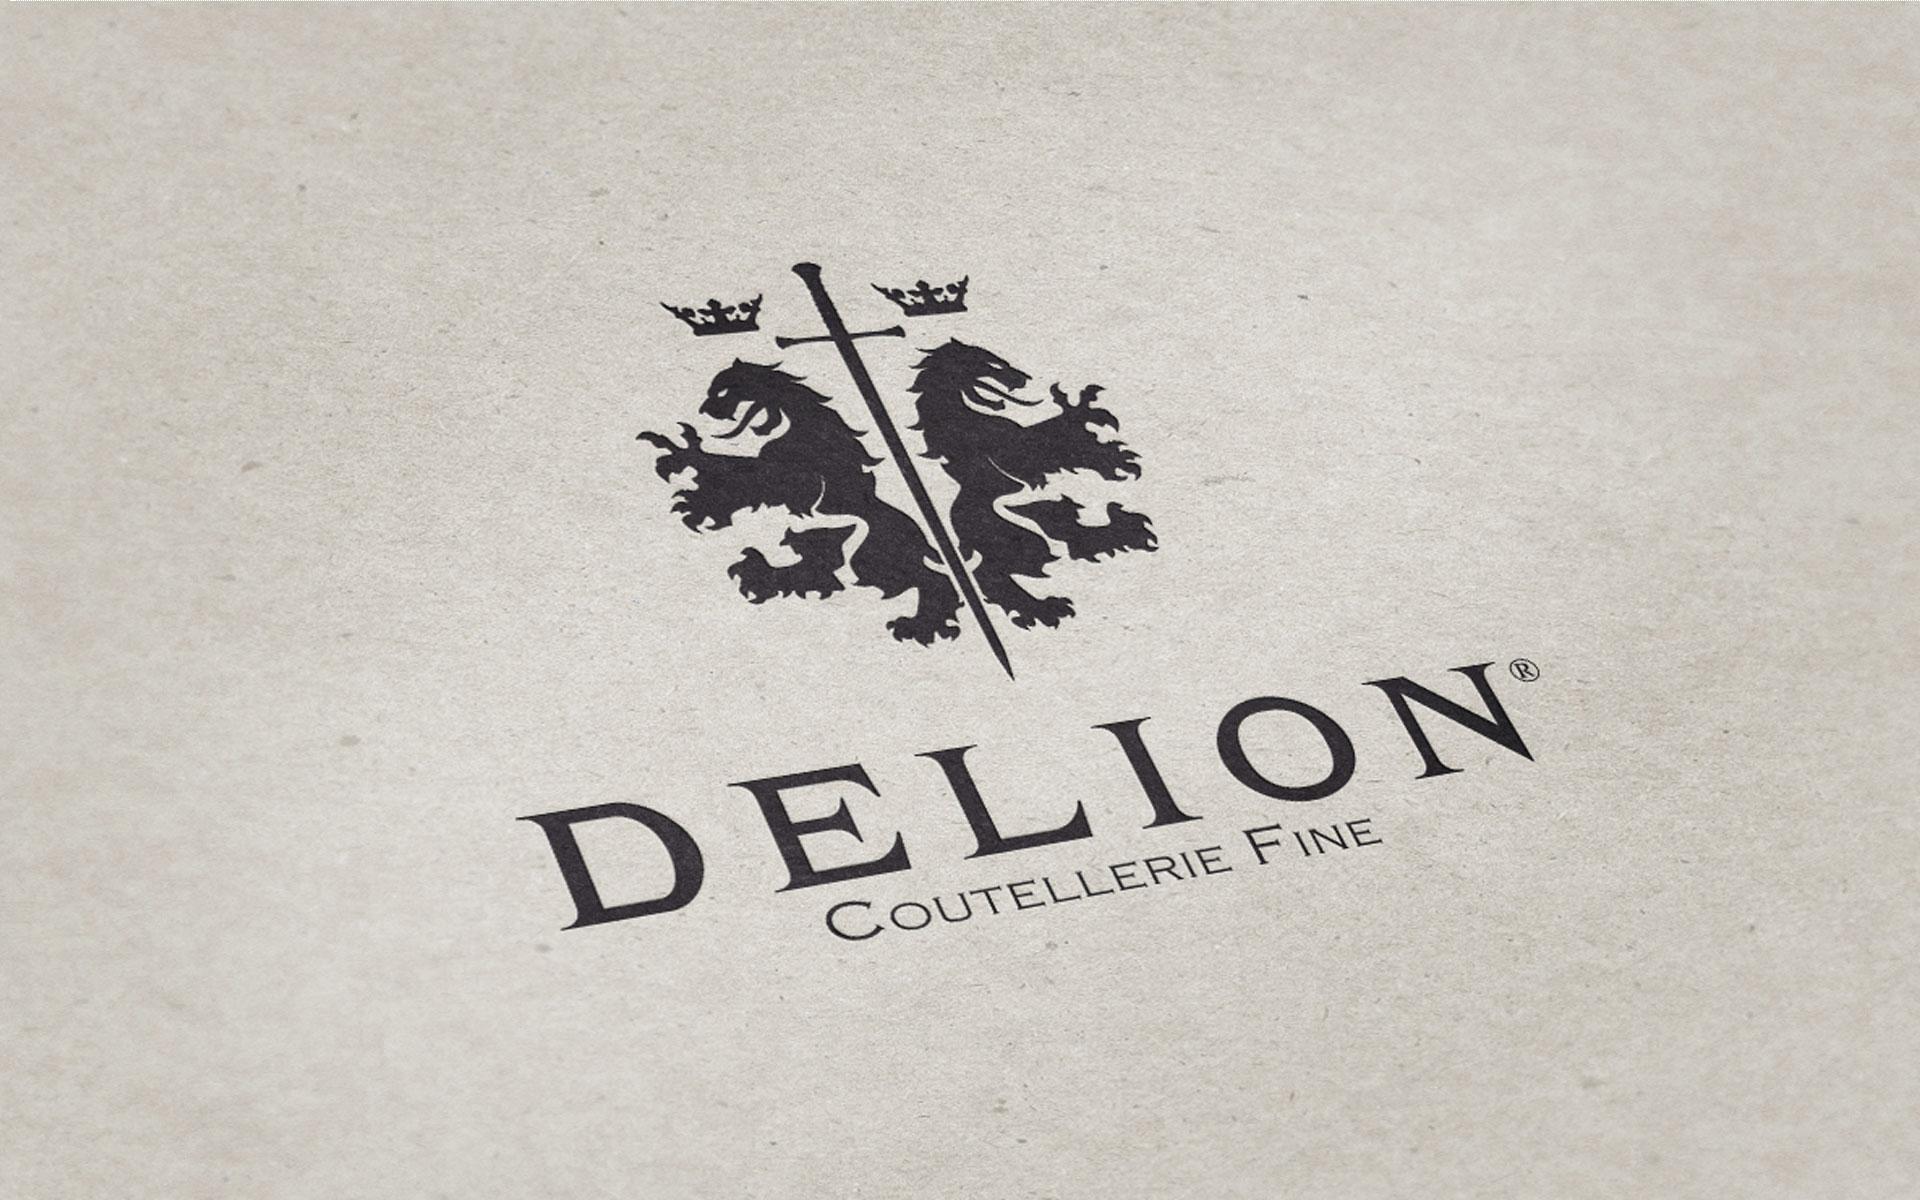 Corporate Identity Delion Logo